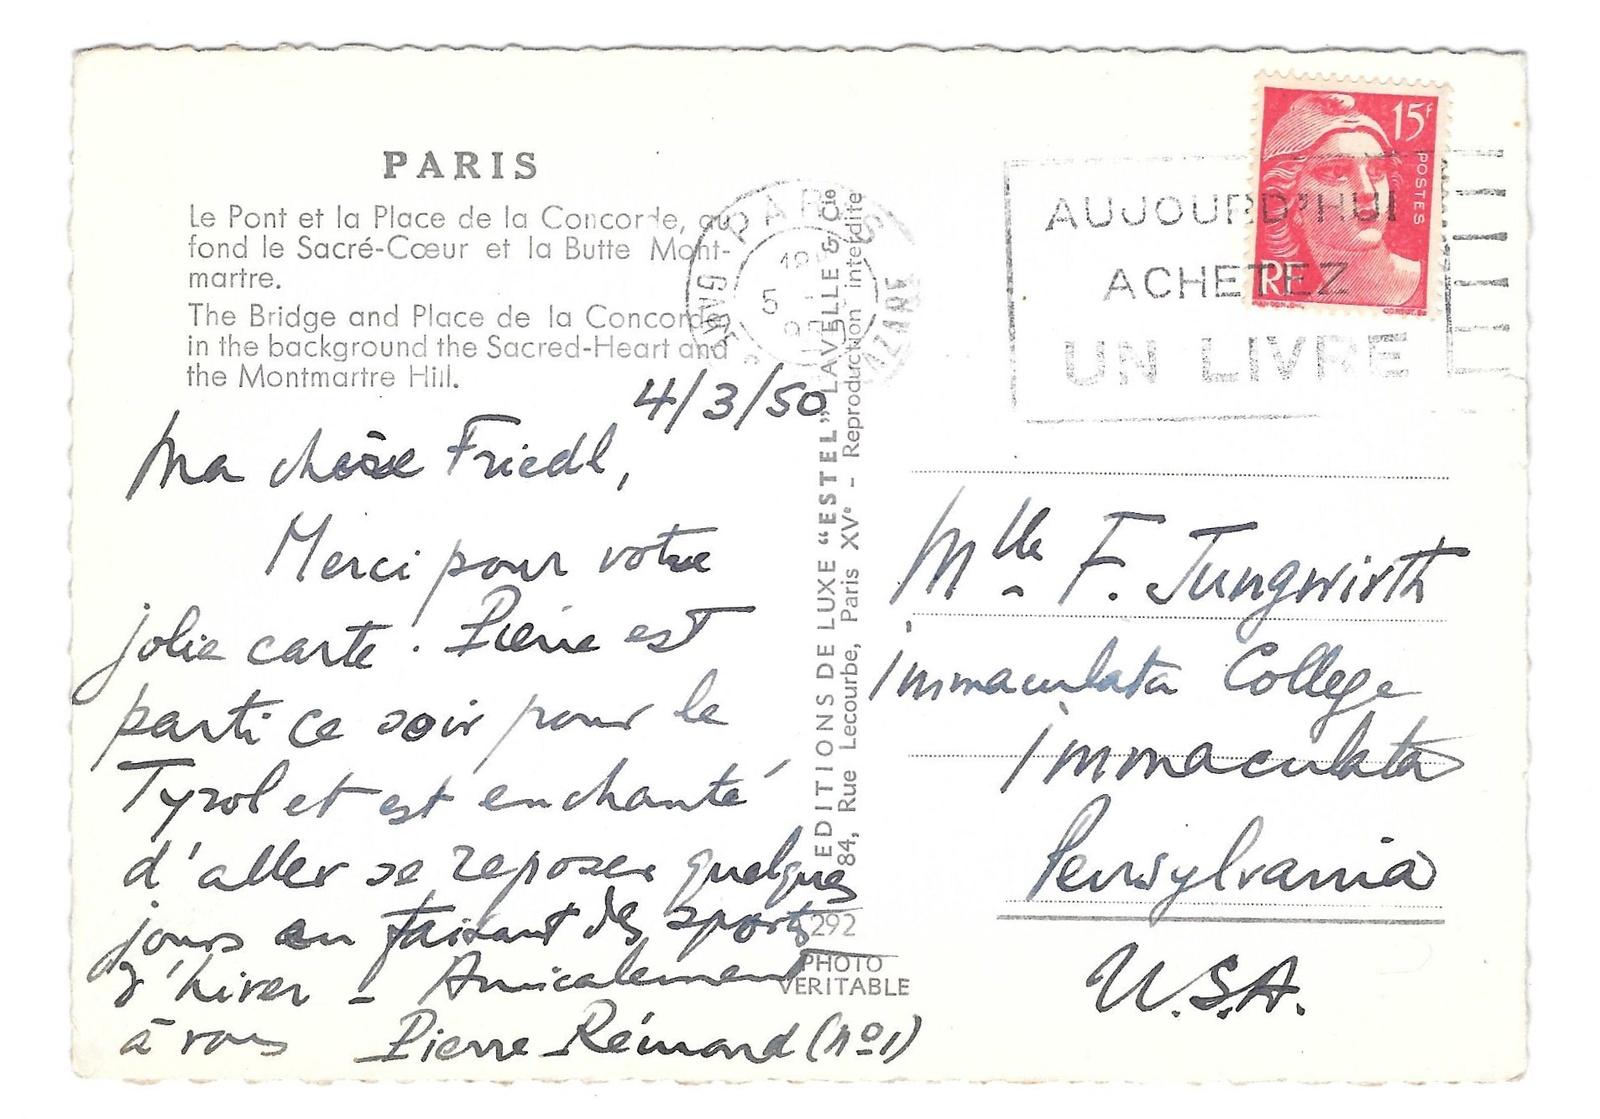 Paris France Pont Bridge Place de le Concorde ESTEL Glossy Photo Postcard 4X6